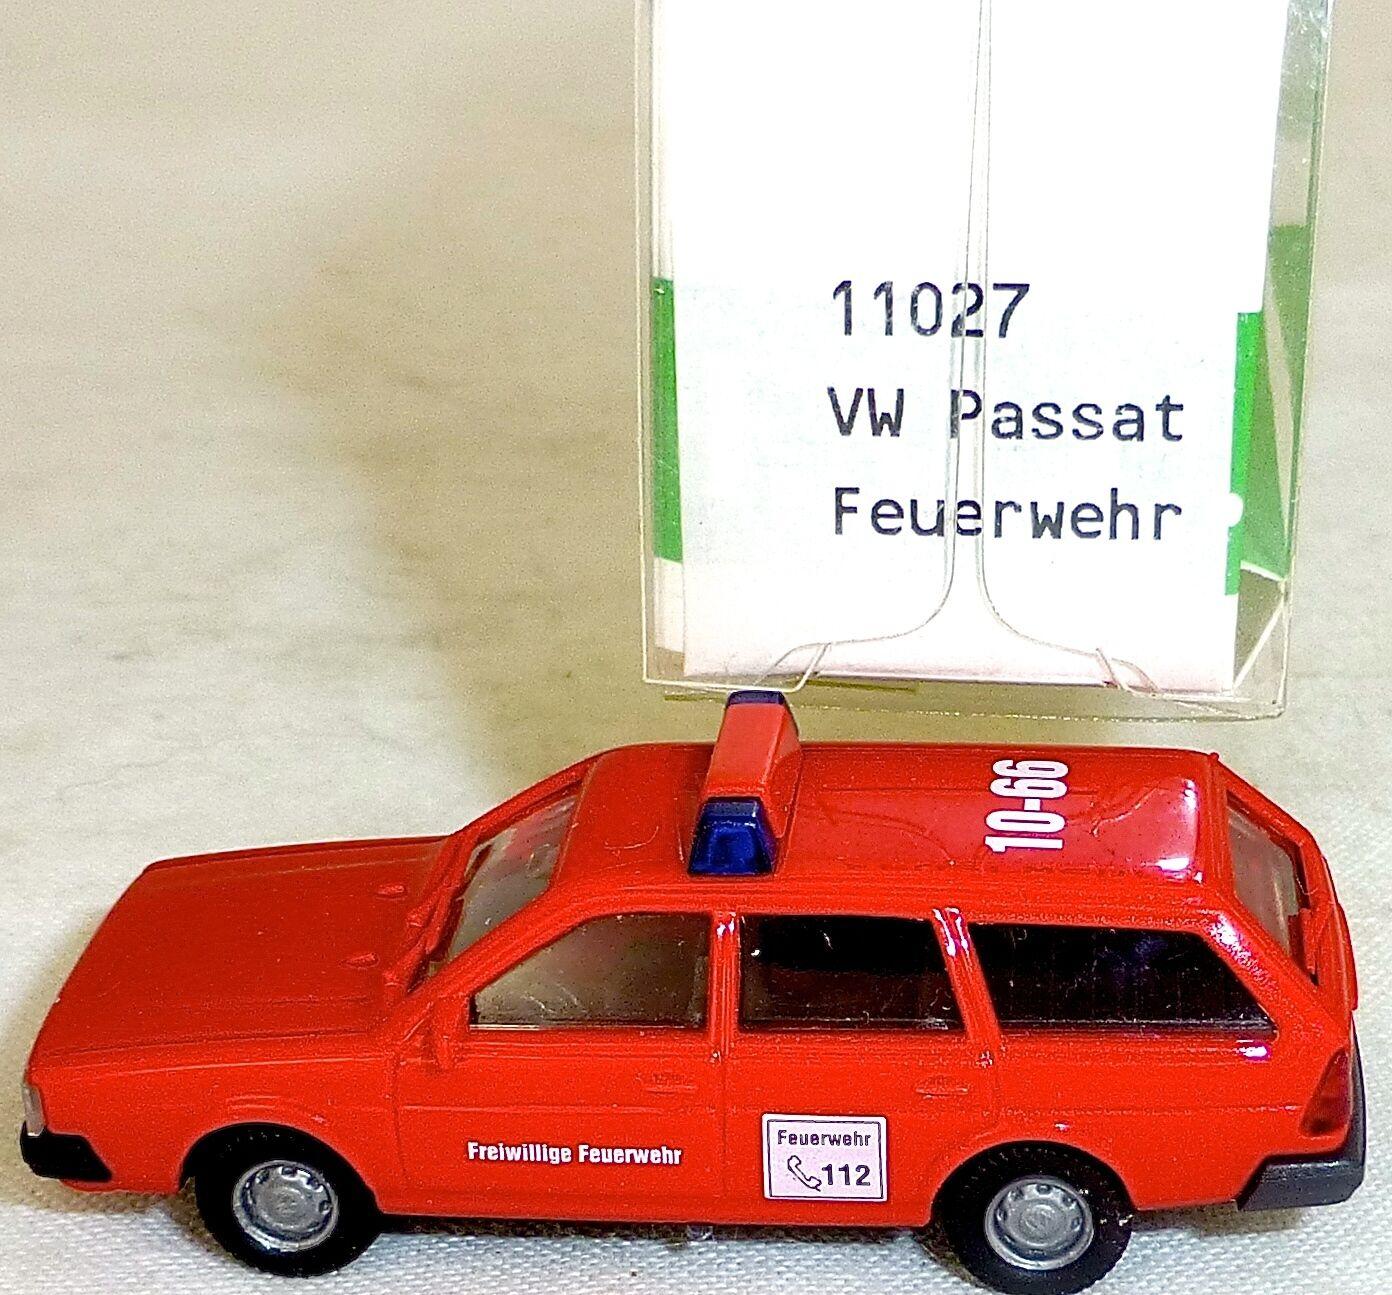 VW Passat Variant Fire Brigade Imu   Euromodell 11027 H0 1 87 Ho 1 Å